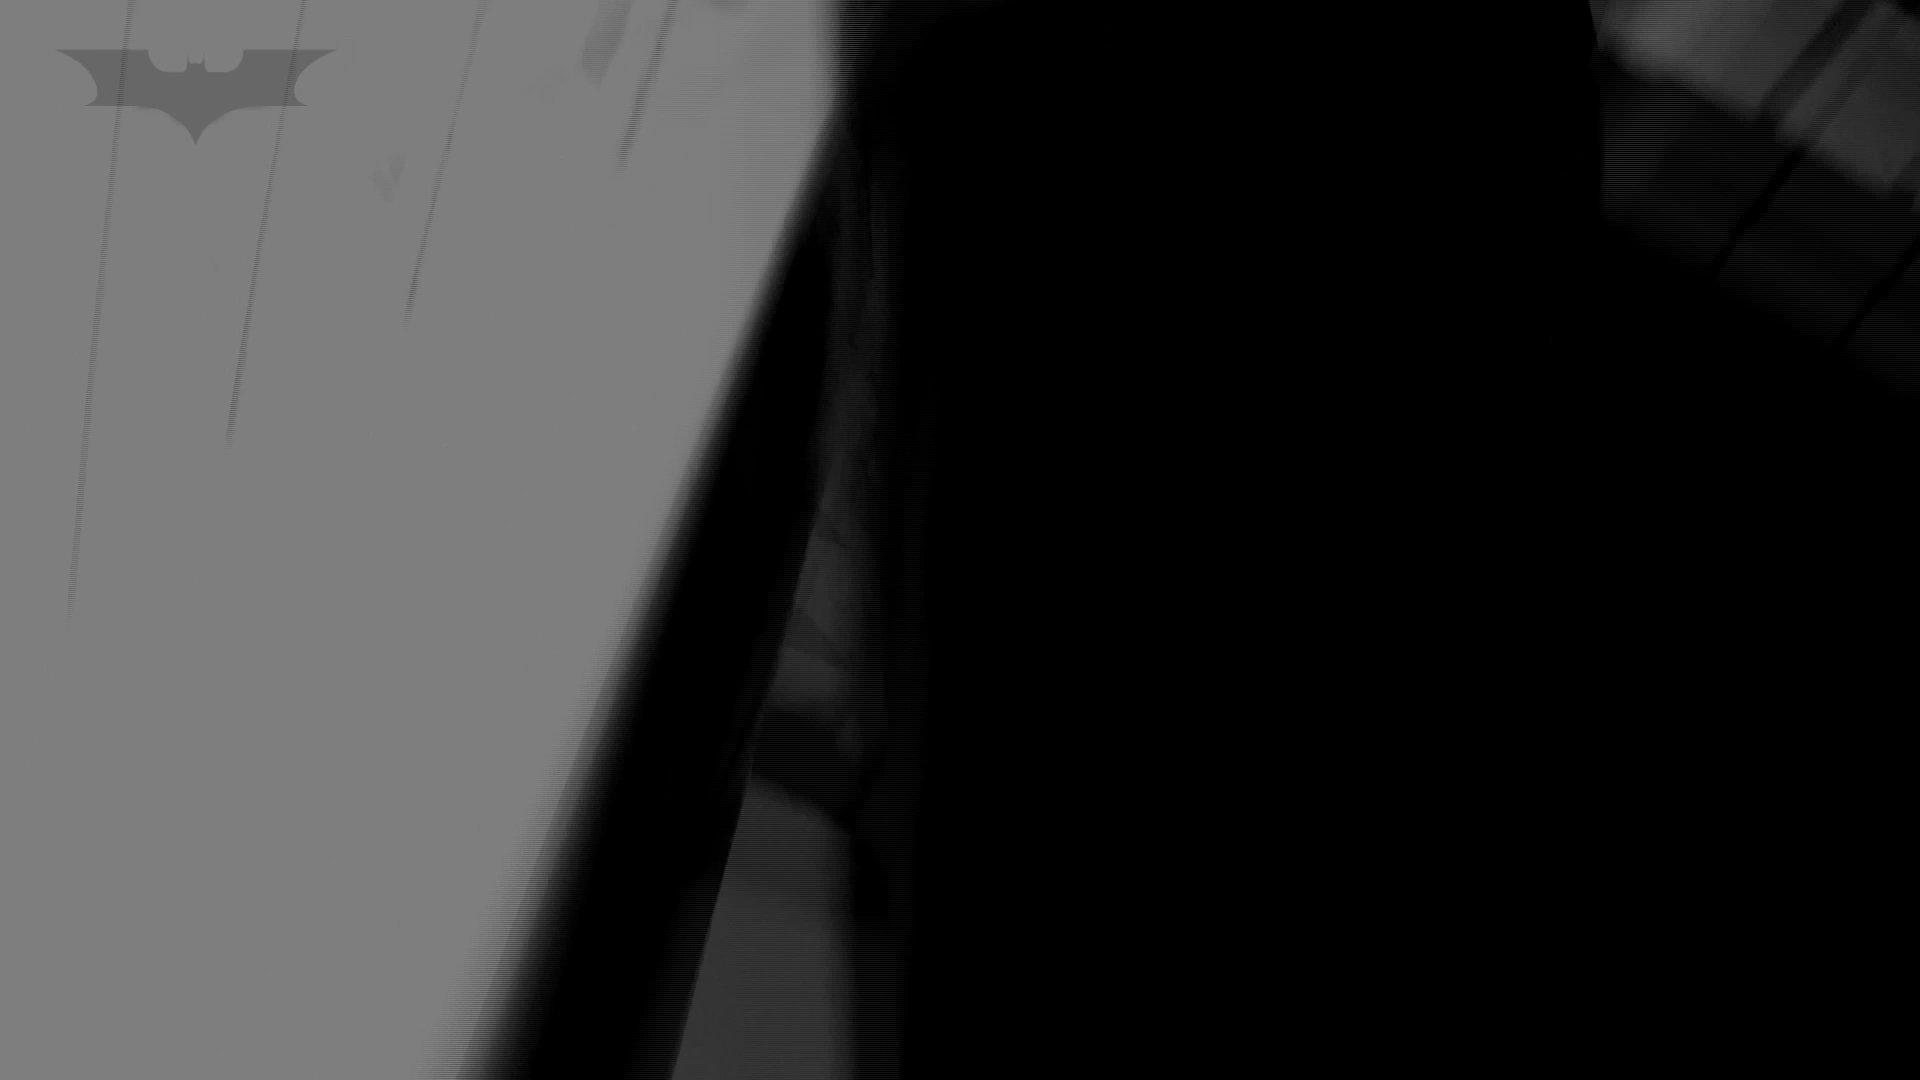 美しい日本の未来 No.31 新しいアングルに挑戦 ギャル 盗み撮り動画キャプチャ 87連発 78